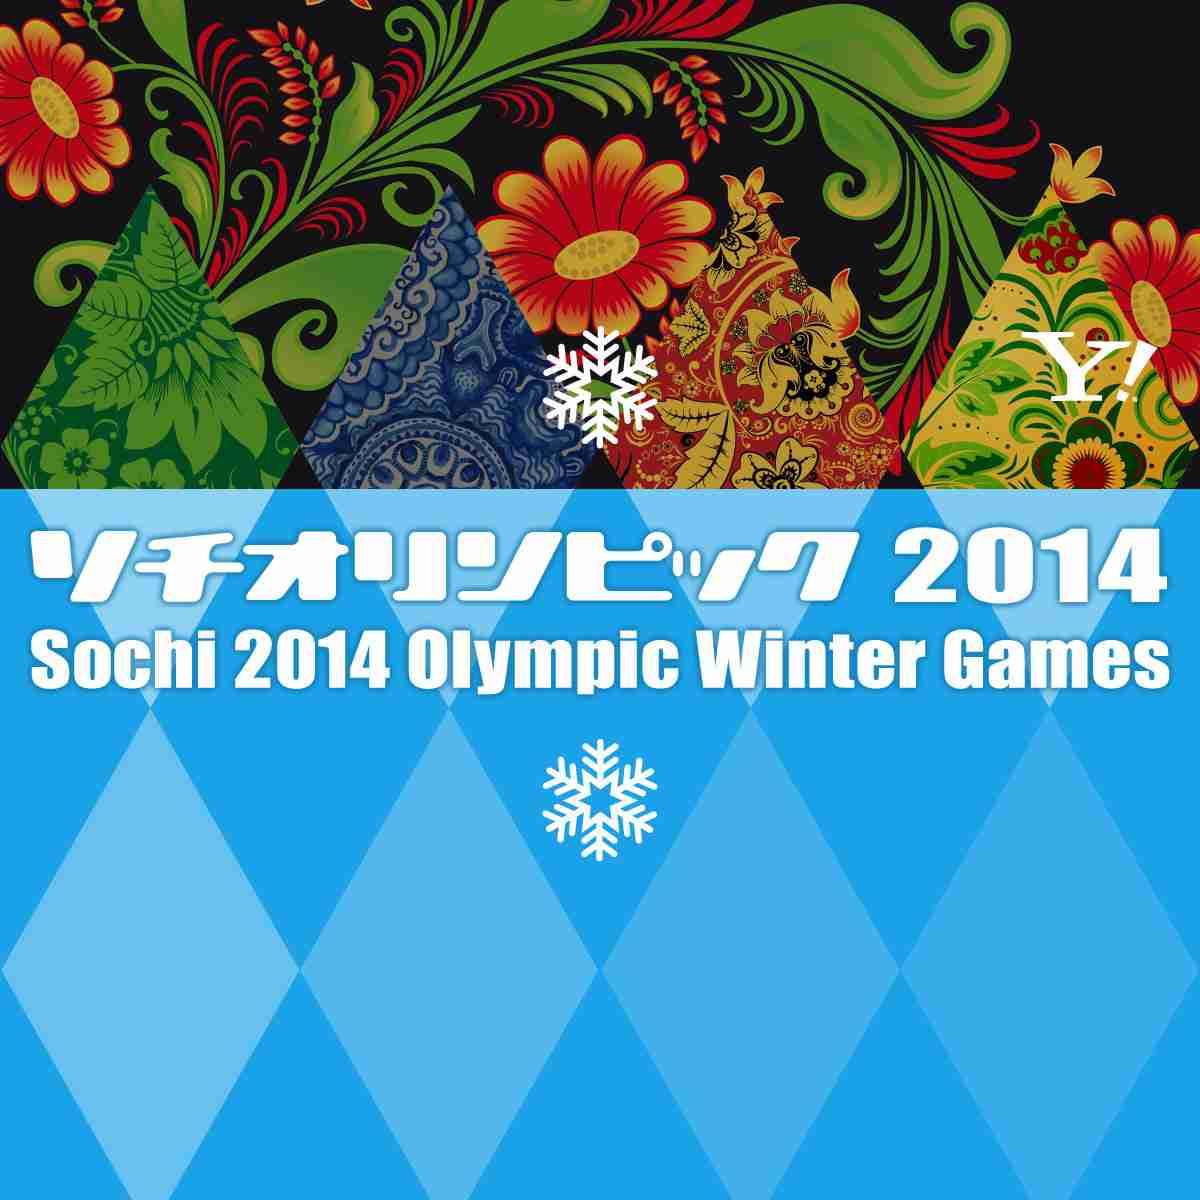 ソチオリンピック Yahoo! JAPAN - 「ロシアびいき」に反発=金妍児の再審査求め署名も―韓国〔五輪・フィギュア〕(時事通信)